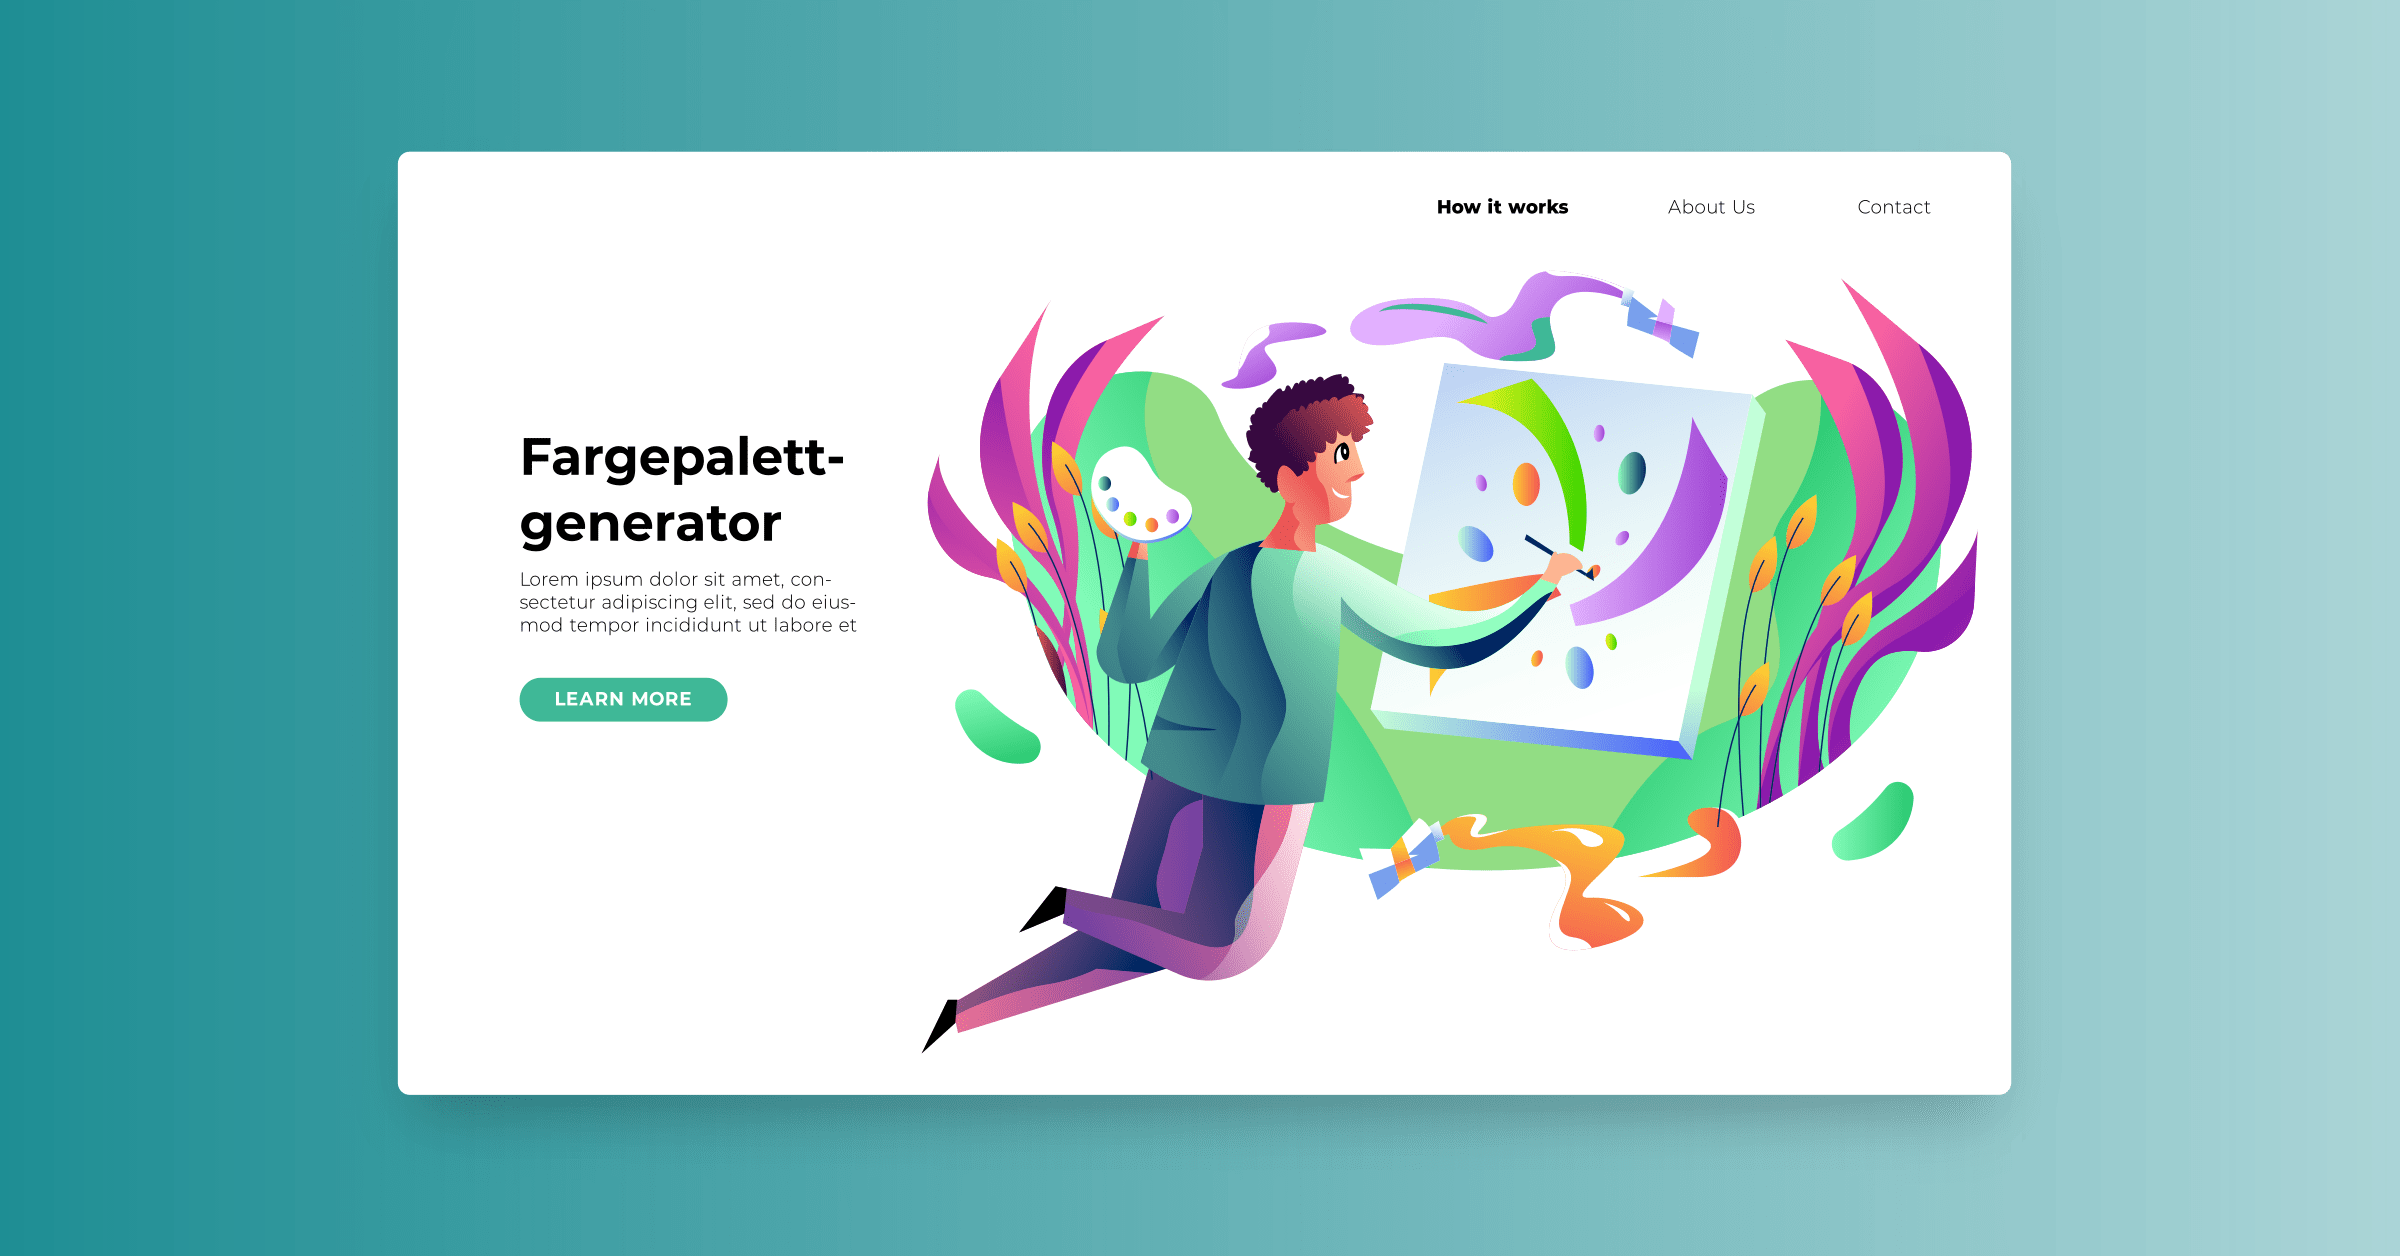 Slik velger du gode farger til nettsiden din